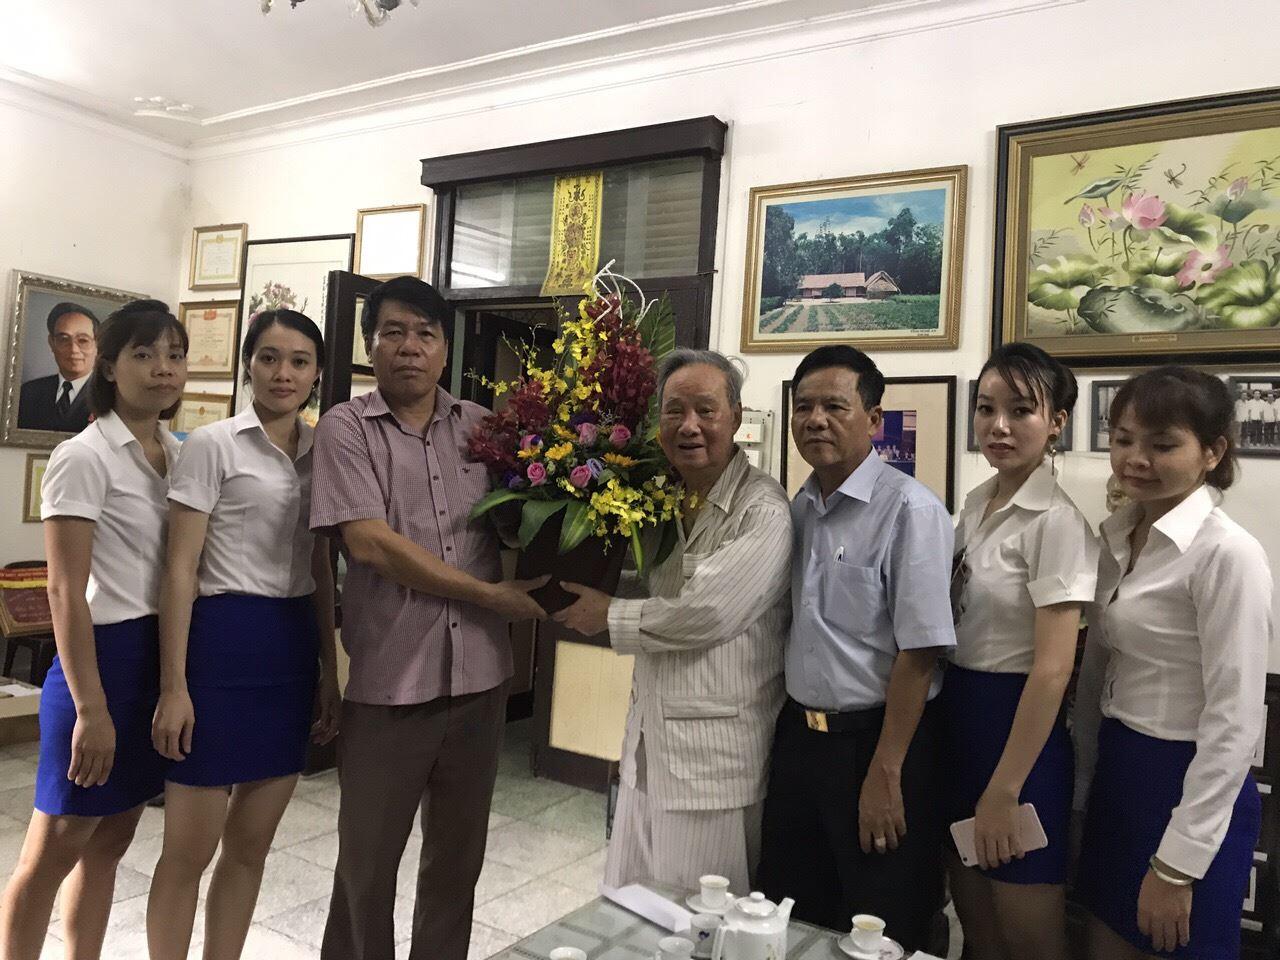 Nhân dịp kỷ niệm 2-9-2017, Chủ tịch HĐQT kiêm Tổng Giám đốc Vũ Văn Trường cùng cán bộ Công ty đến thăm, tặng hoa, chúc sức khỏe và báo cáo với Nguyên Ủy viên Bộ Chính trị Vũ Oanh tại nhà riêng của cụ Vũ Oanh